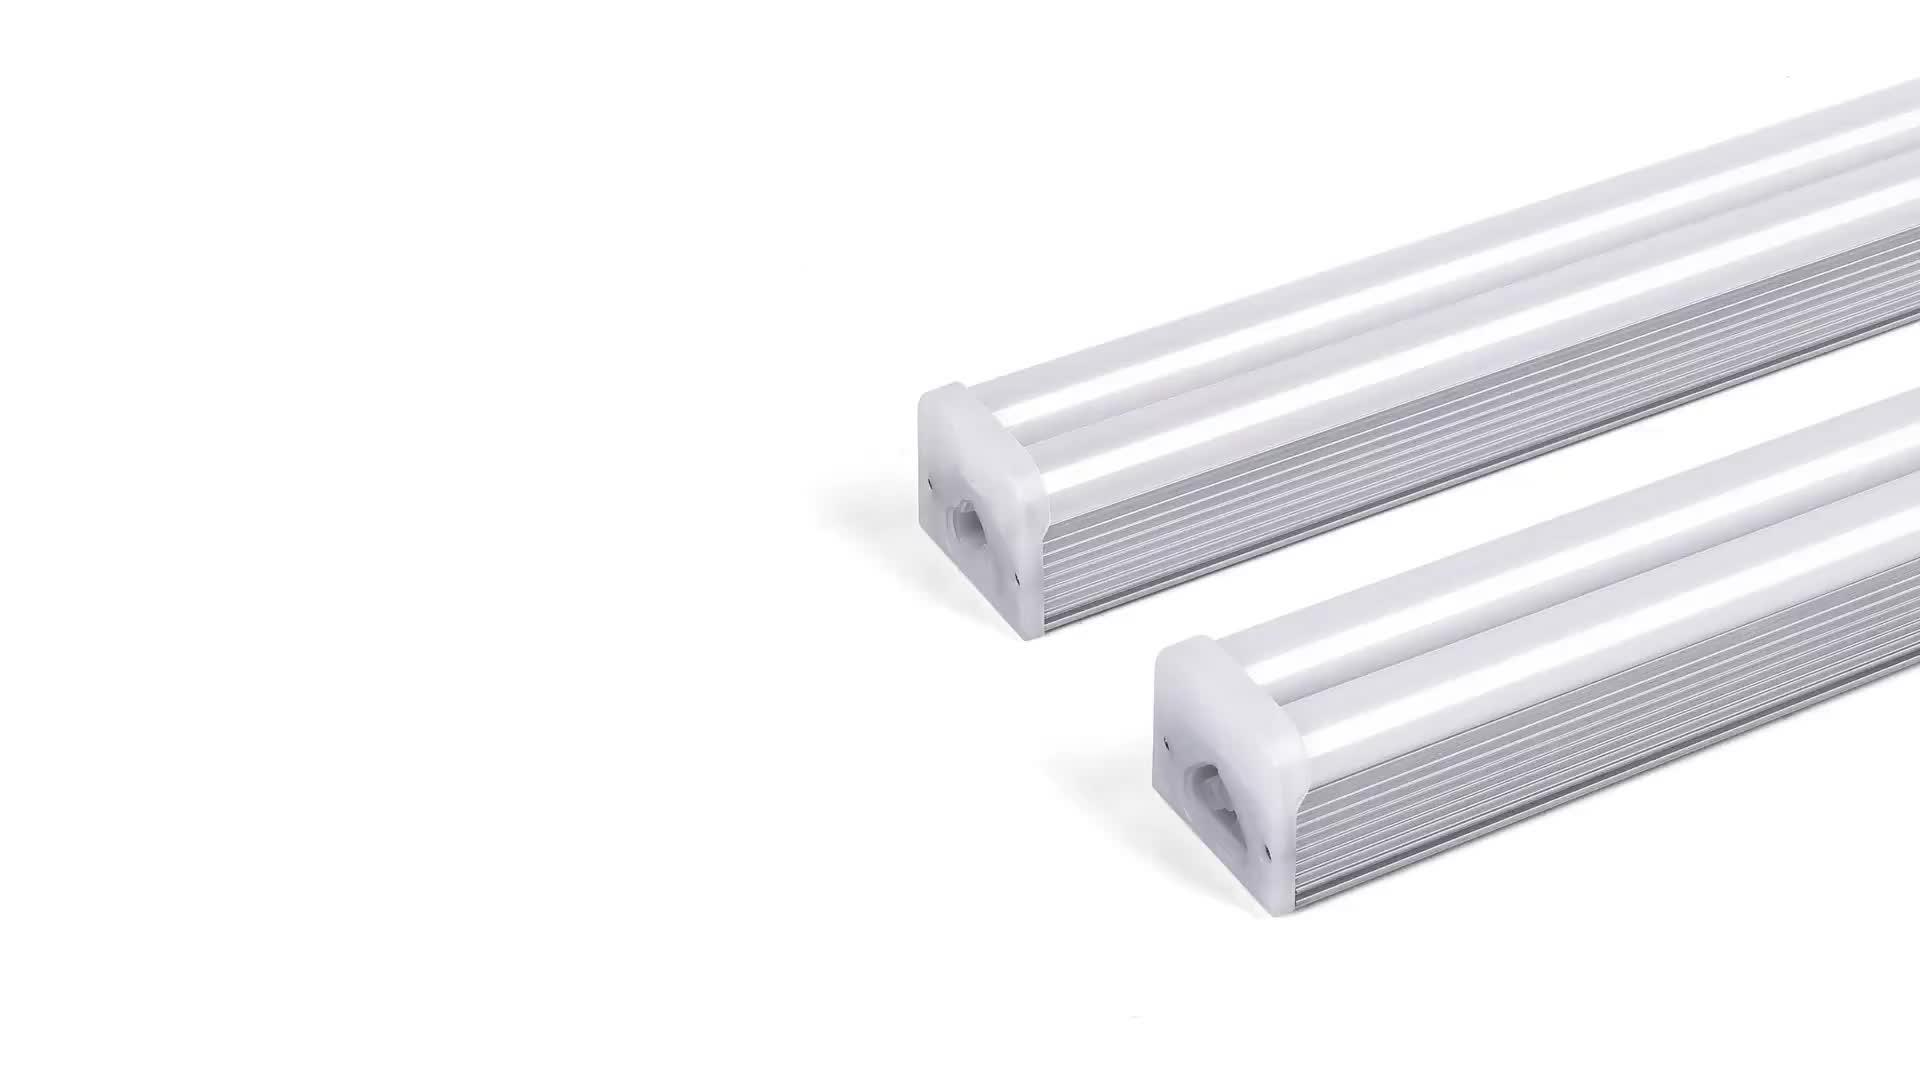 hight resolution of 2019 lonyung lighting led tube t5 fluorescent lamp led tube light t5 driver inside